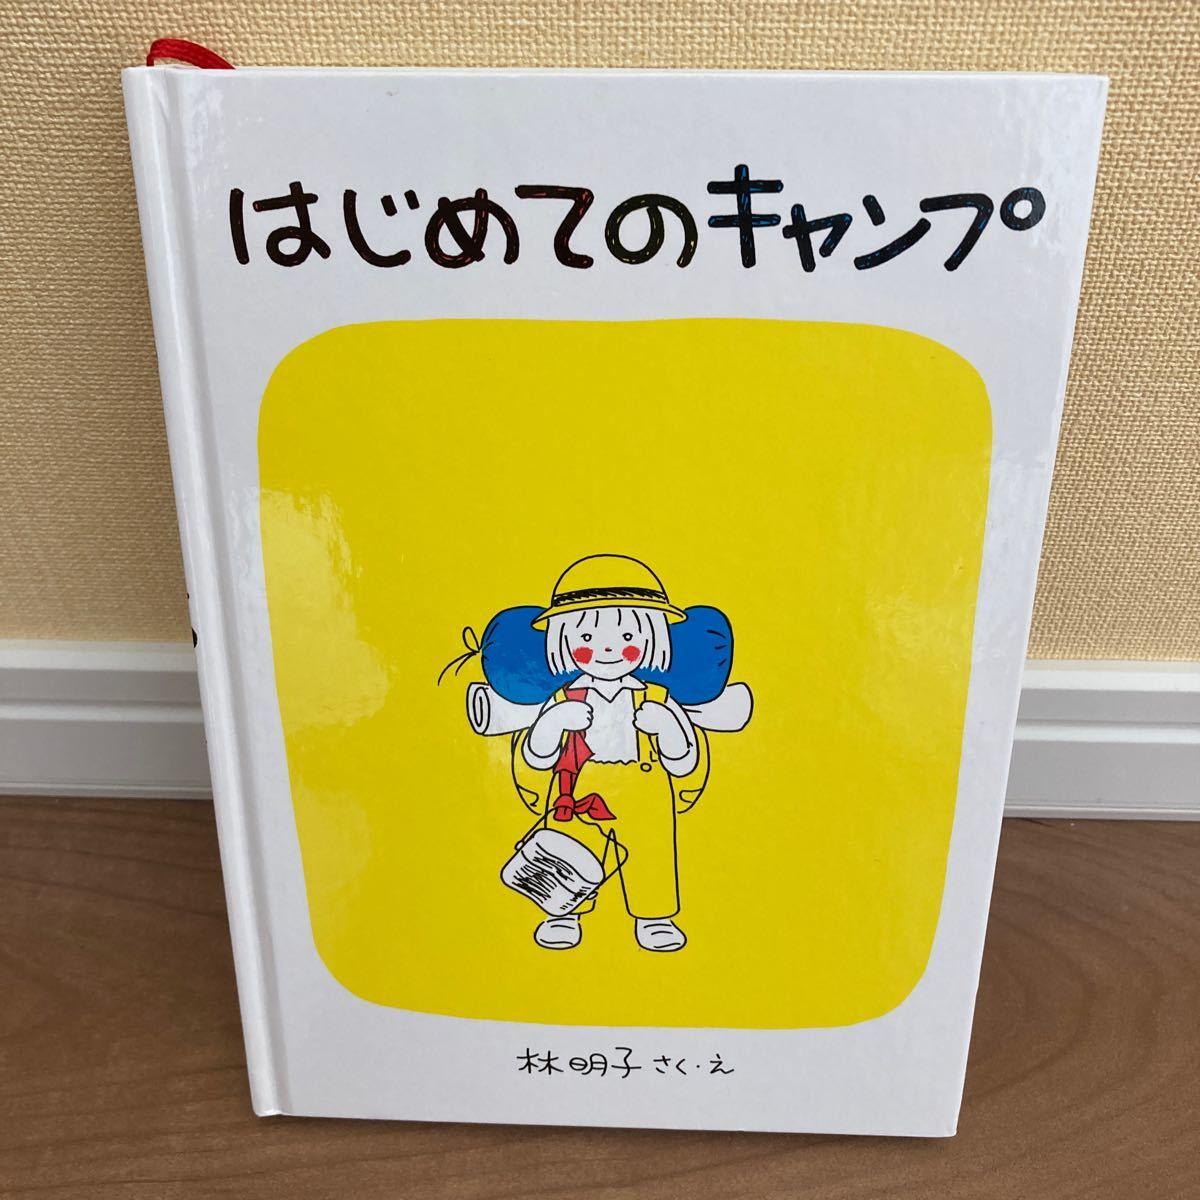 はじめての キャンプ 林明子 福音館 人気絵本 読み聞かせ 児童書 童話館